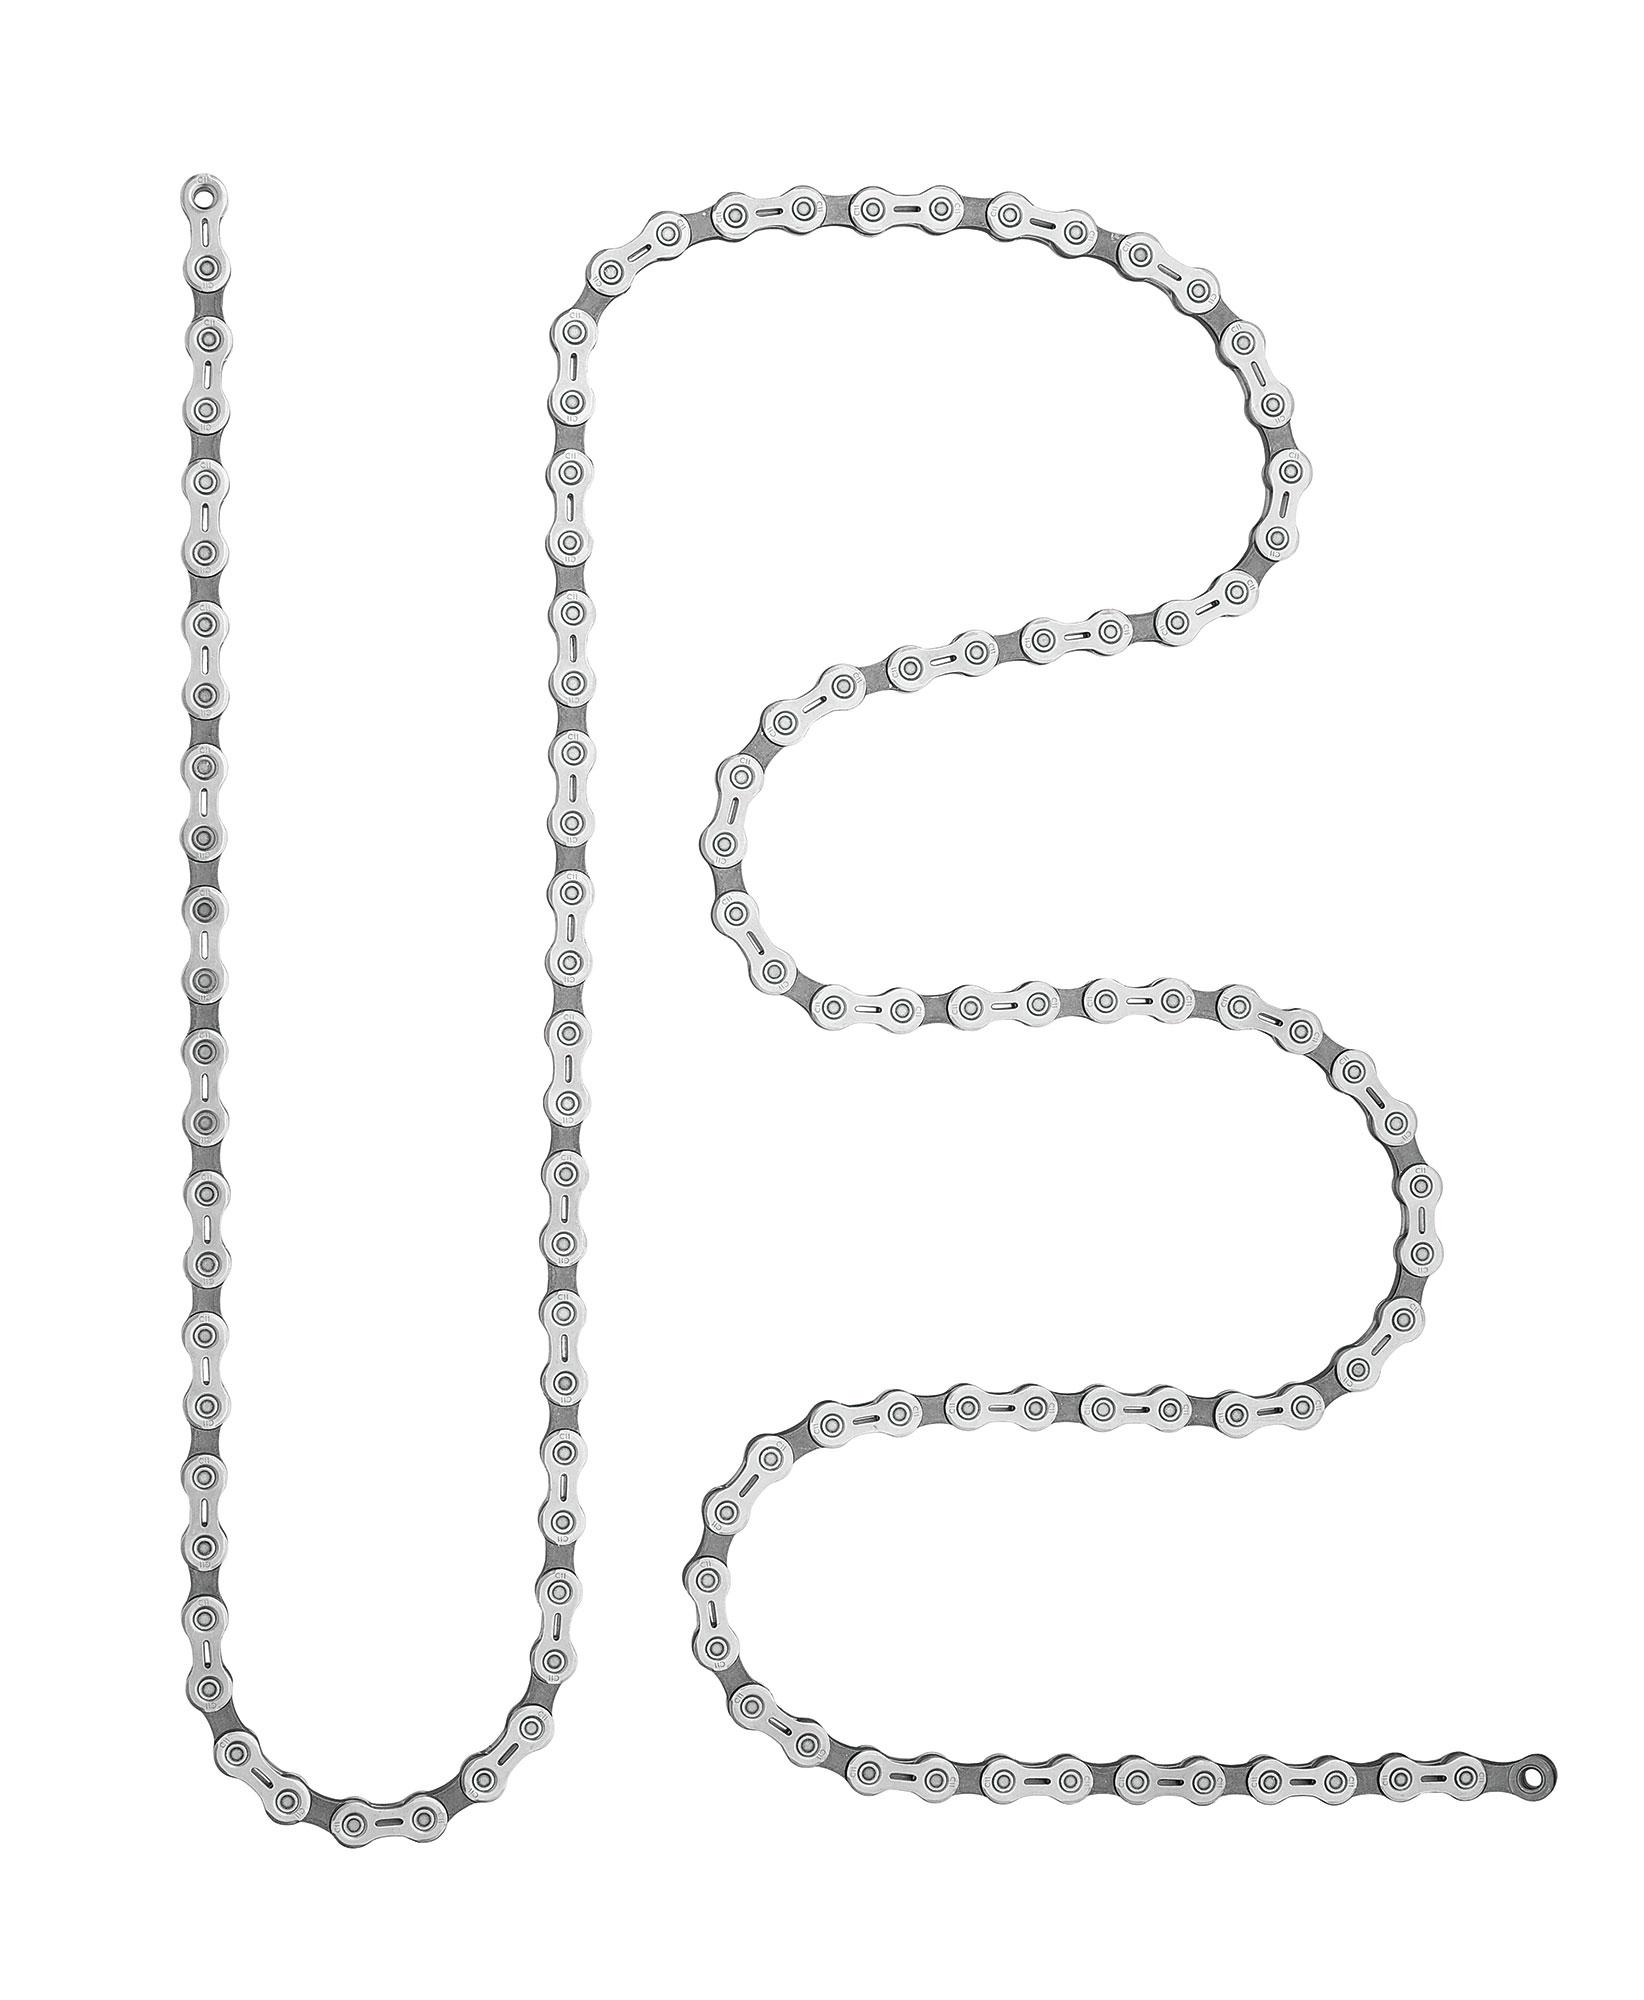 veriga campagnolo cn17 11p